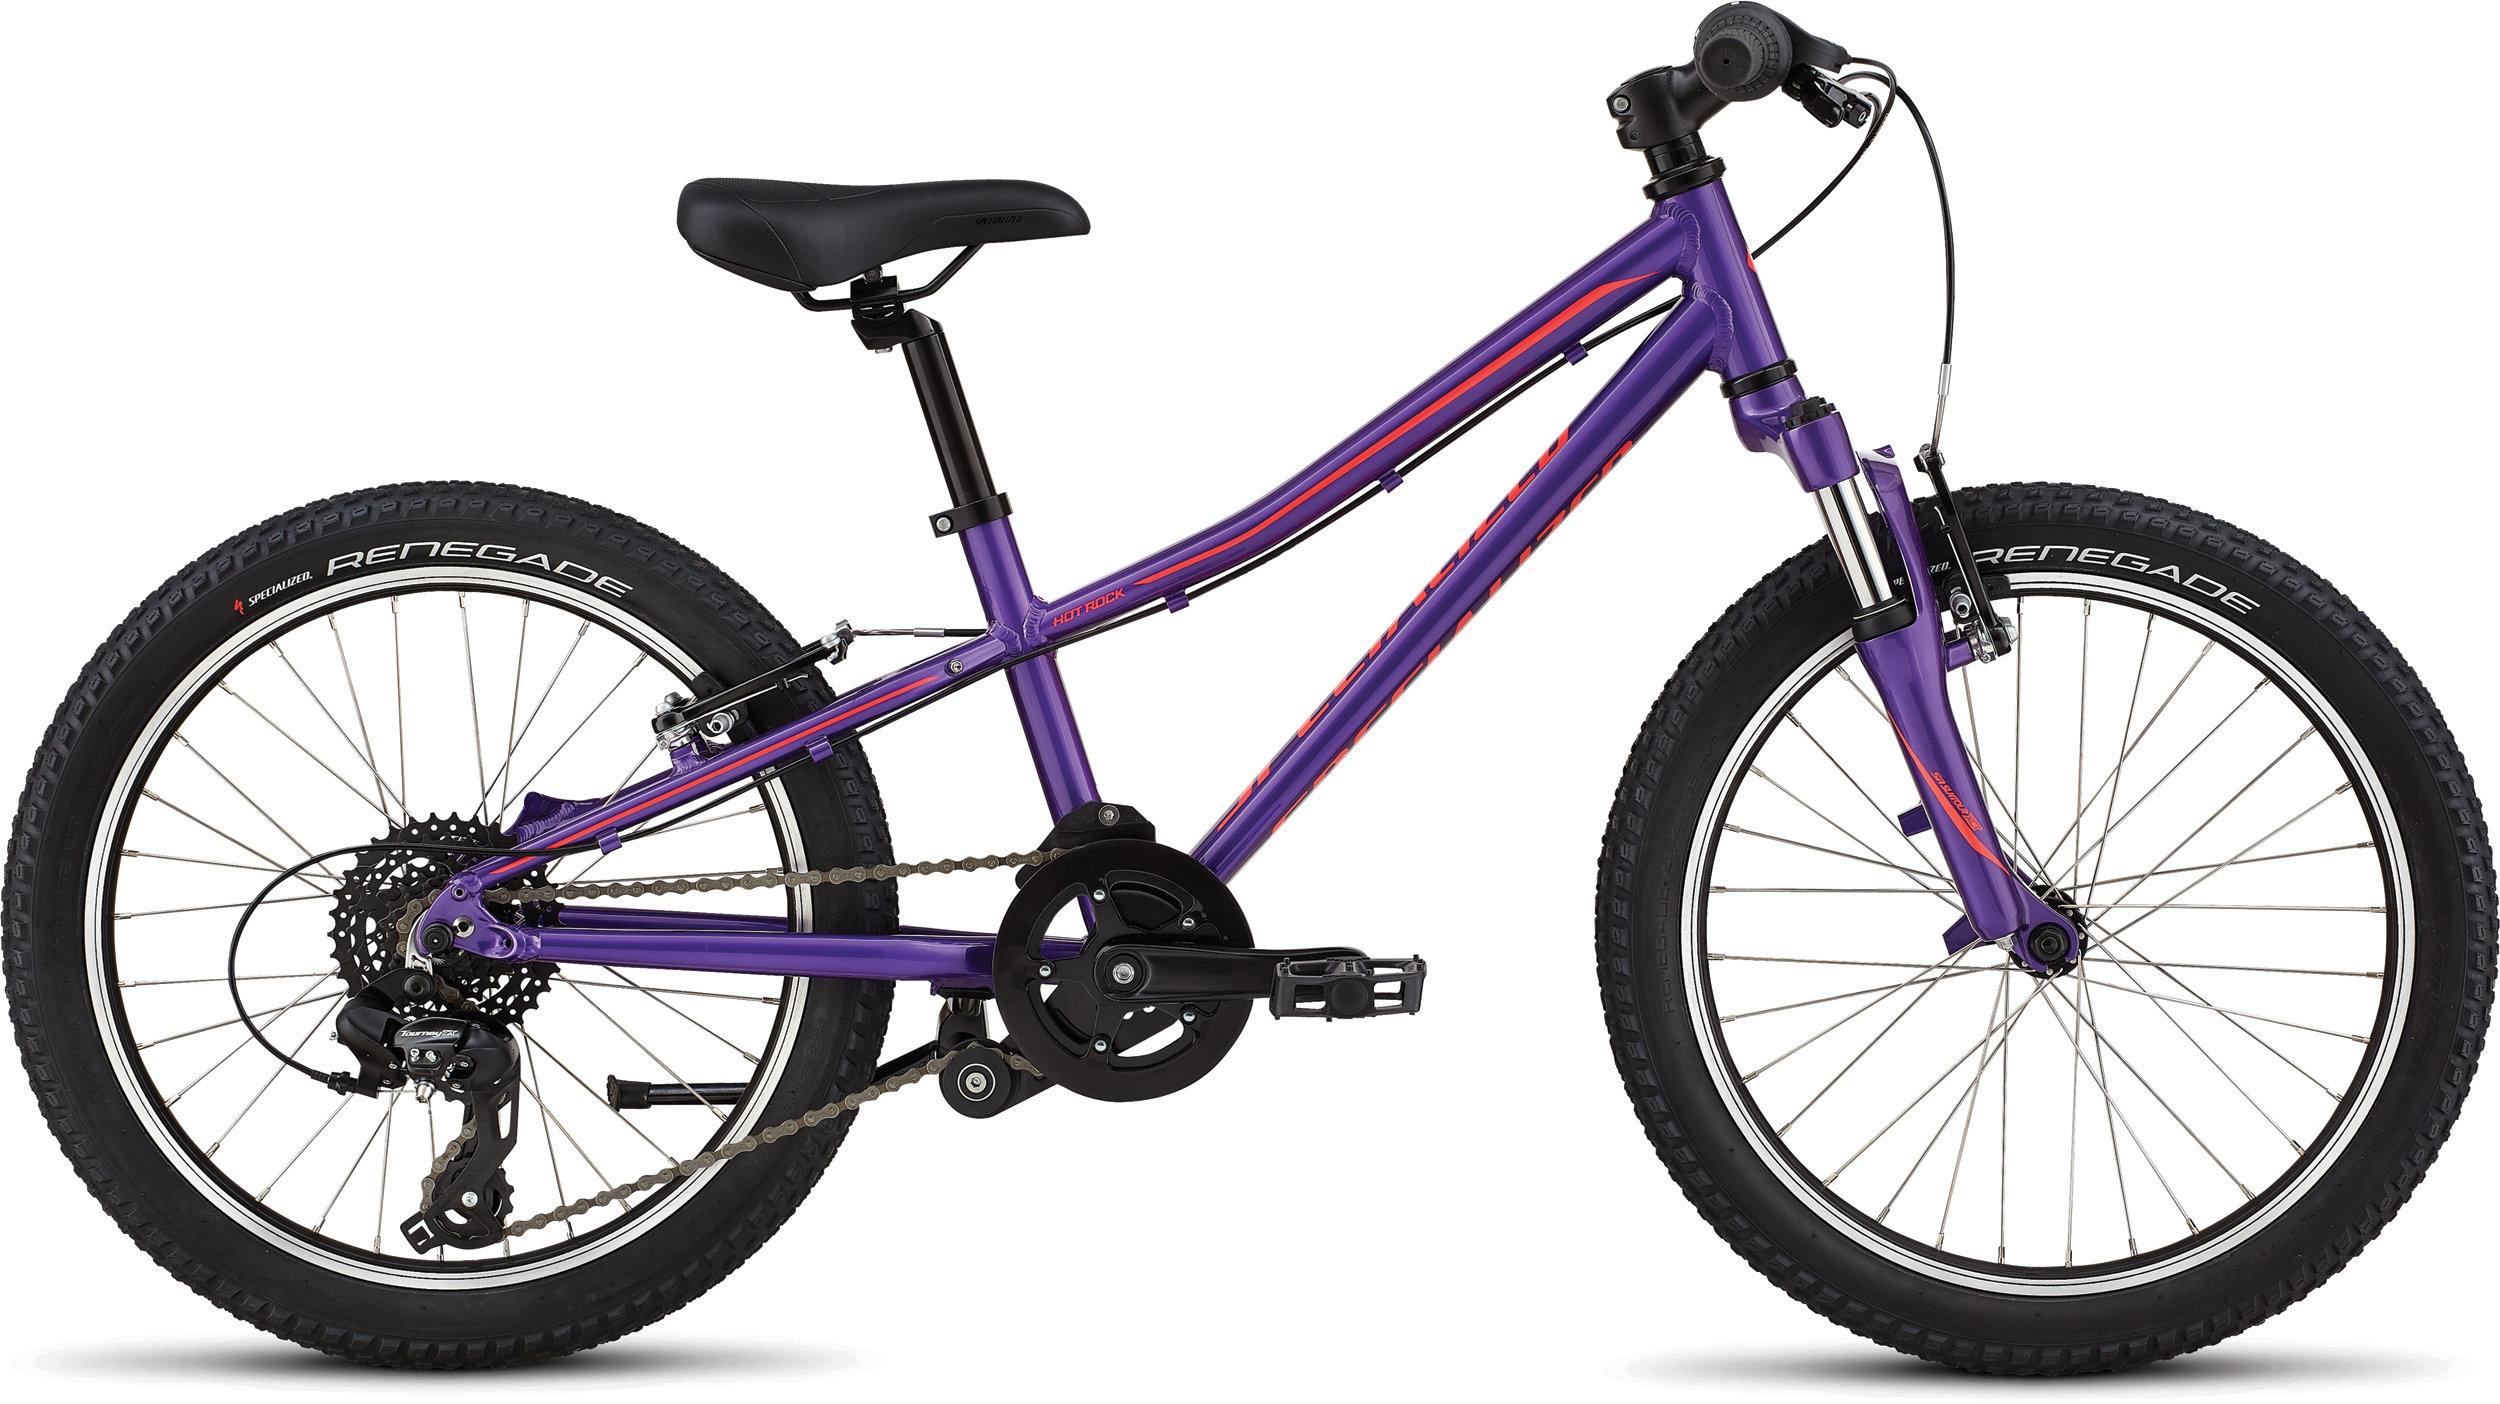 Specialized Hotrock 20 Purple Haze/Black/Acid Red 9 - Bike Maniac